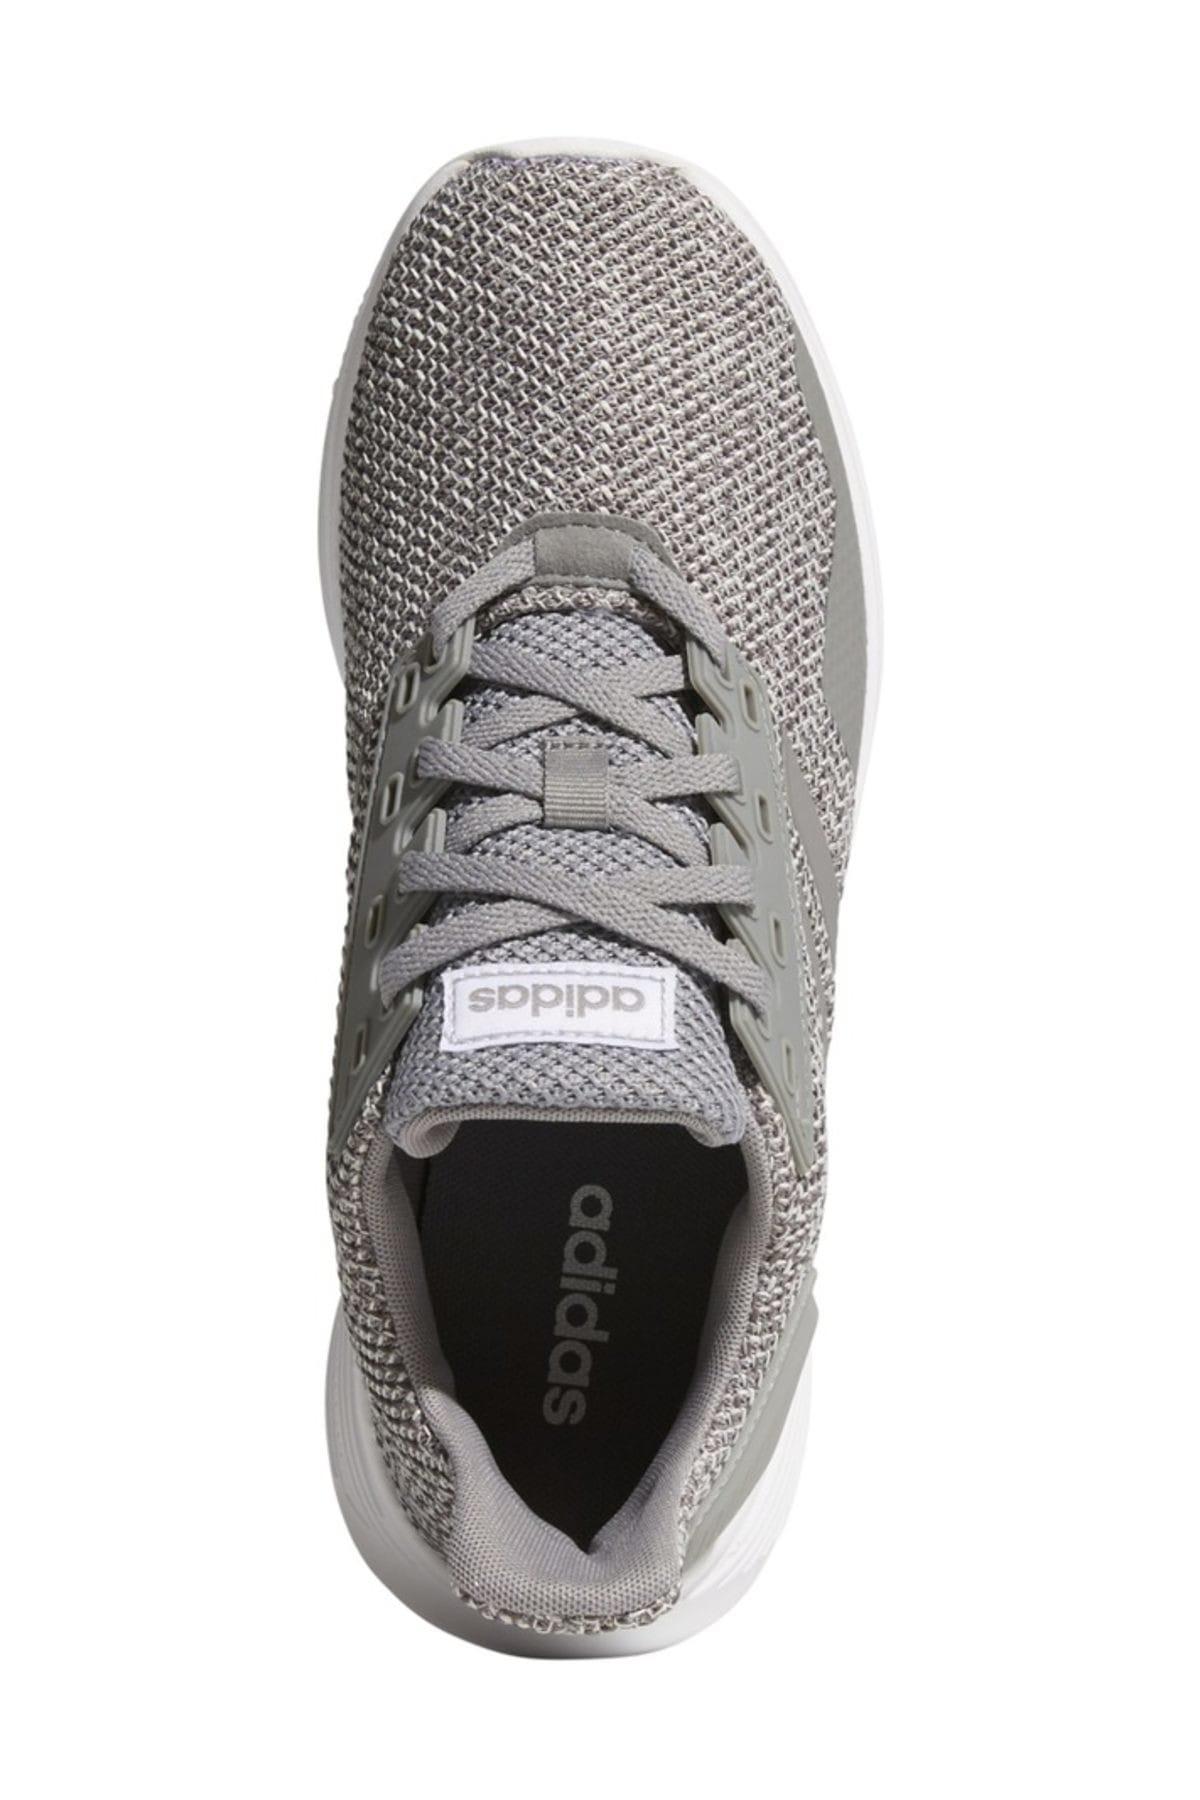 adidas F35308 Açık Gri Açık Gri KIRIKBEYAZ Unisex Koşu Ayakkabısı 100409041 2